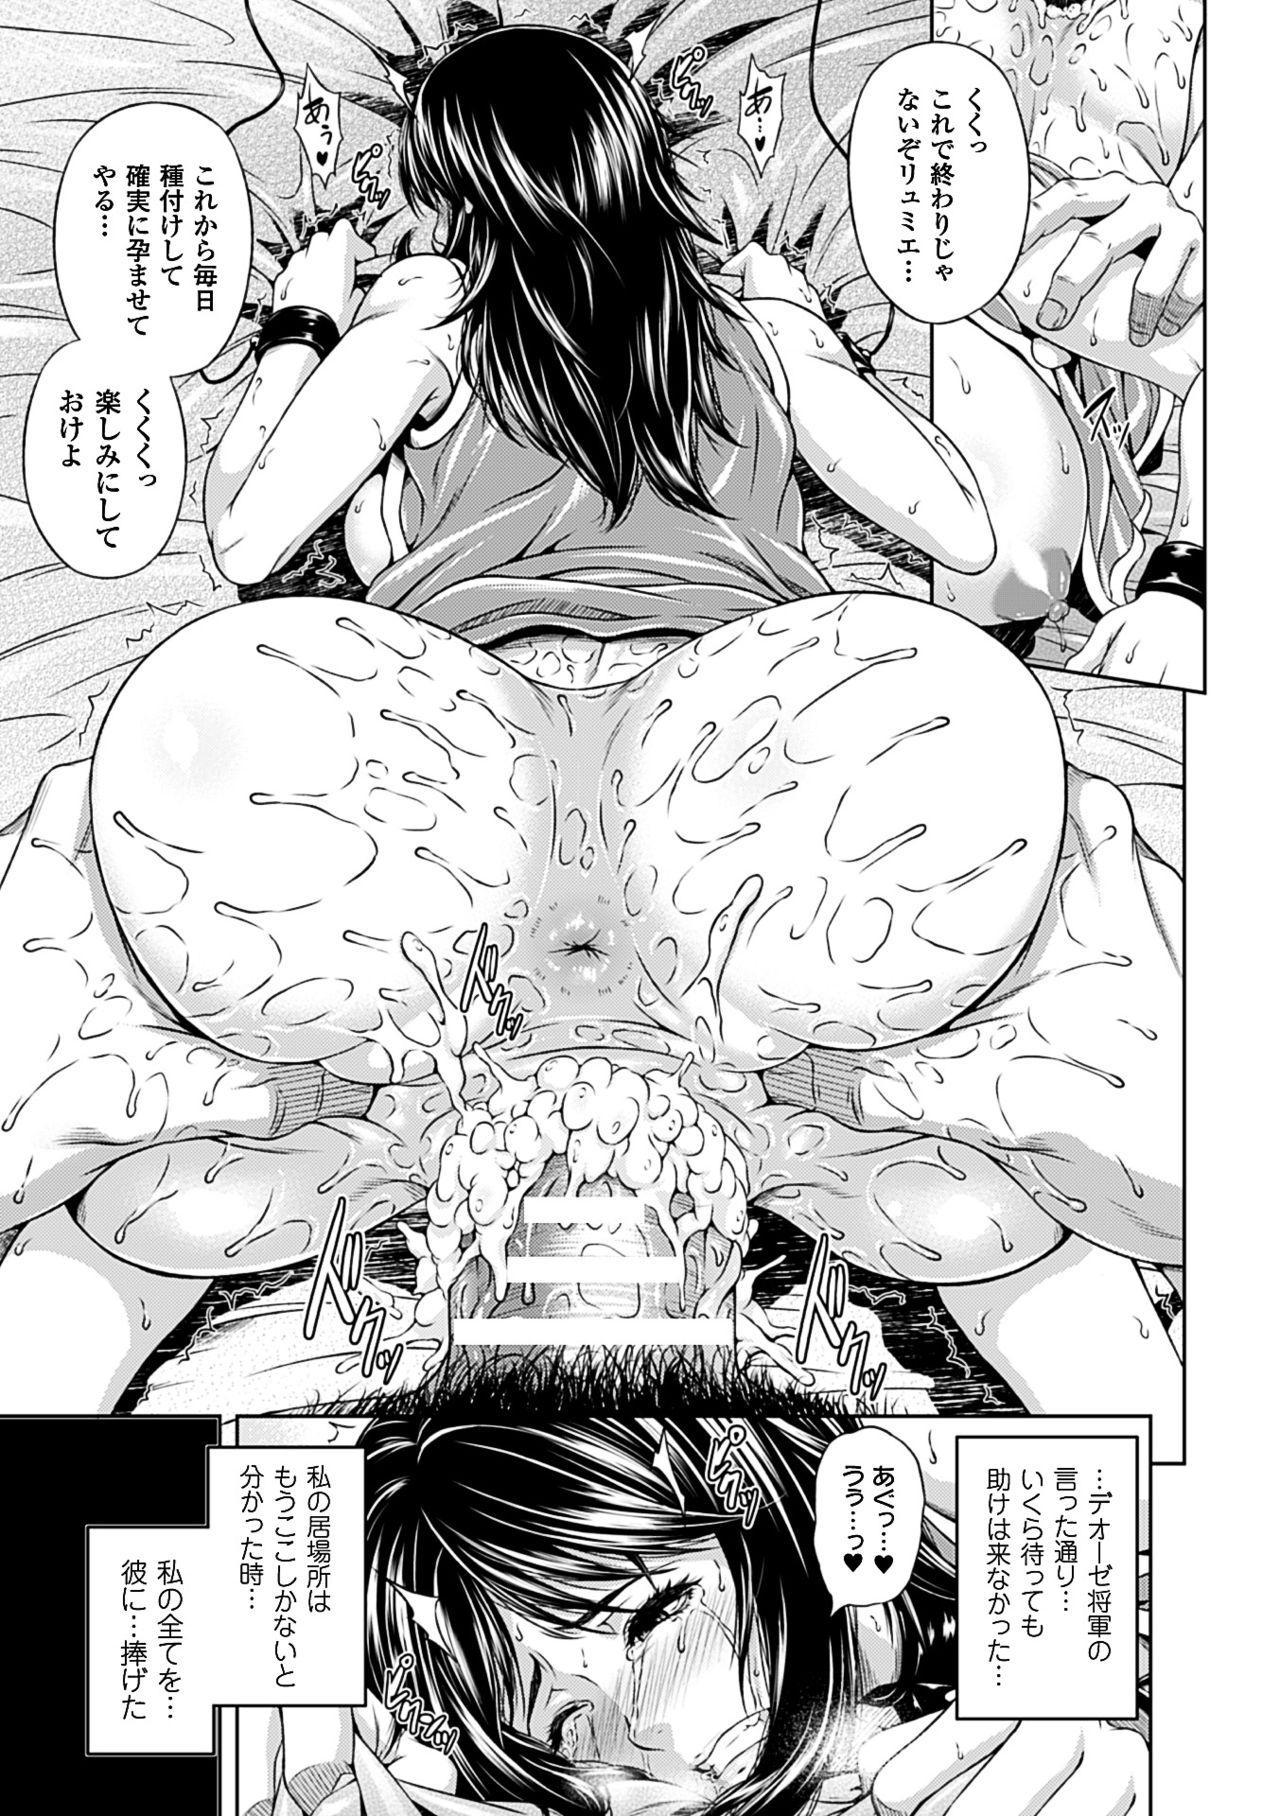 Mesu Hana ga Ochiru Toki - Maidenly Bloom Fallen 24